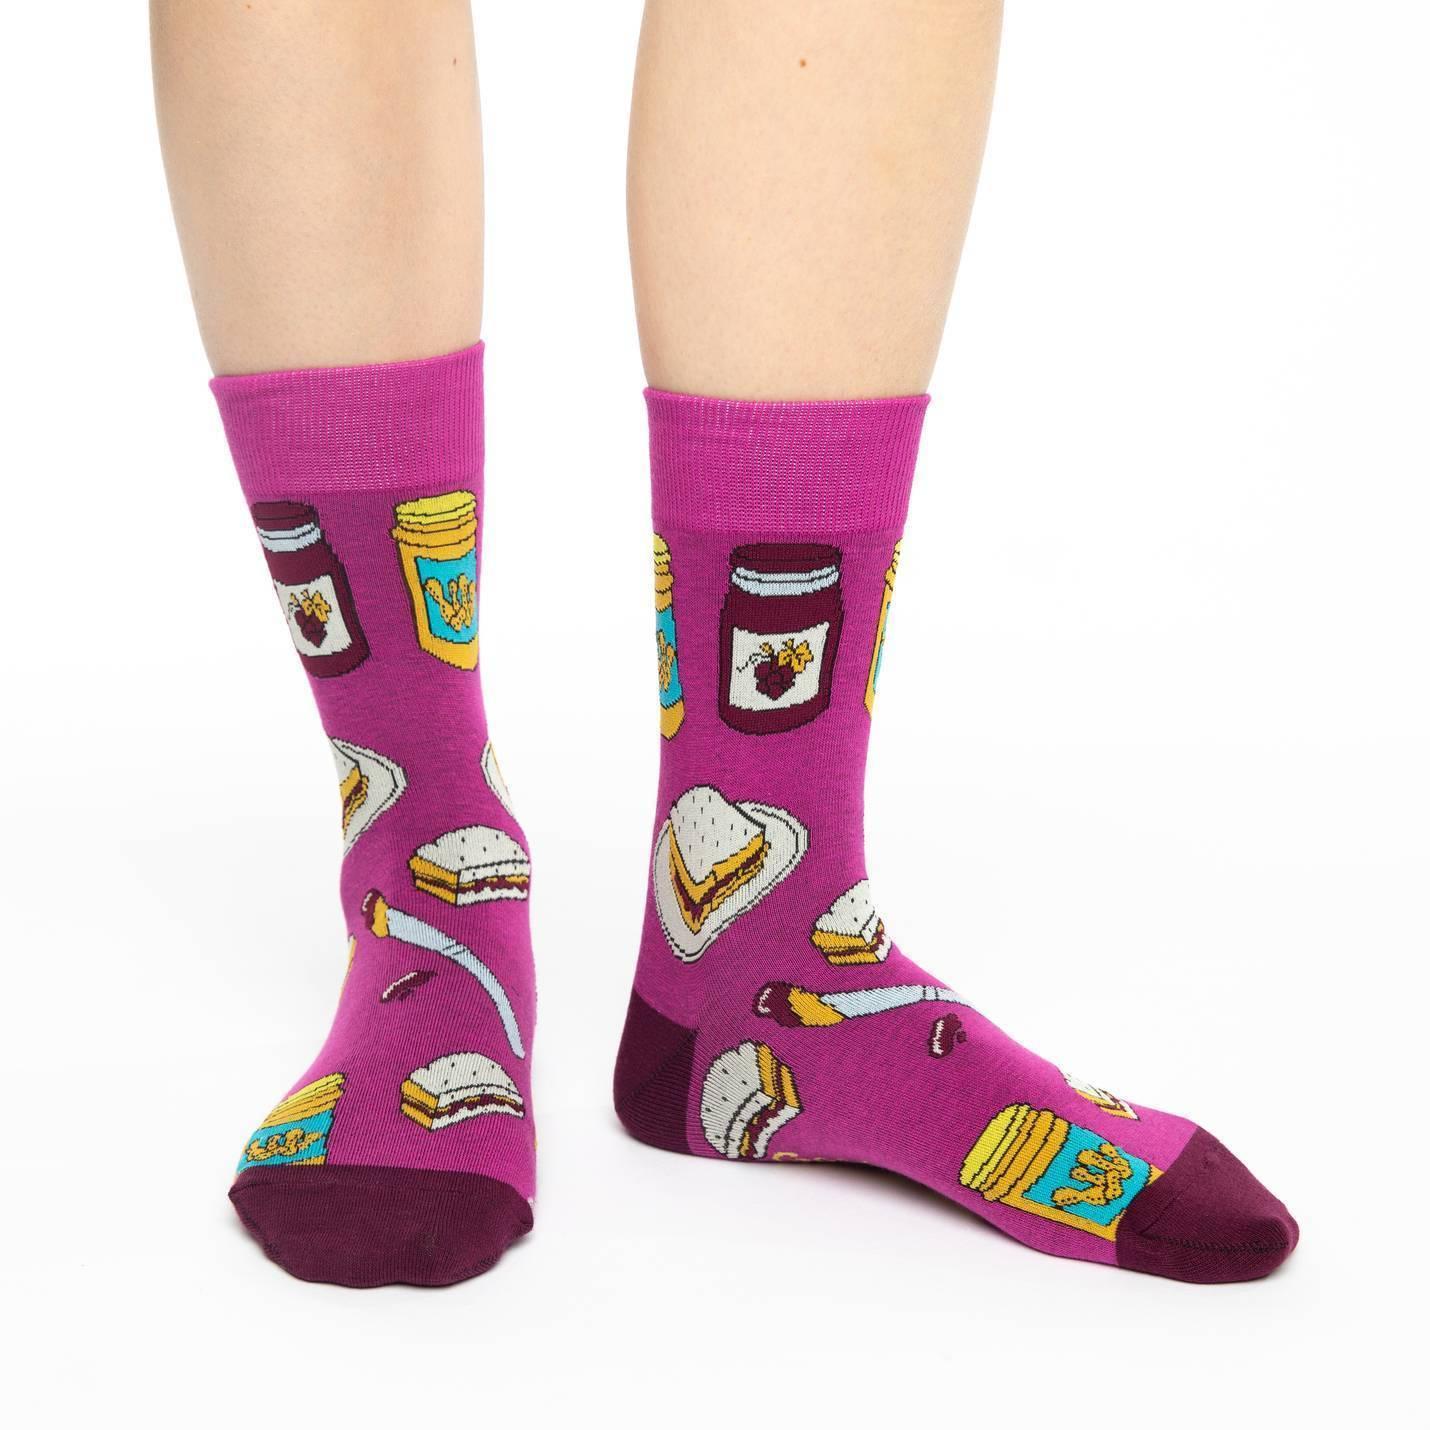 Women's Peanut Butter & Jam Socks - Shoe Size 5-9 image